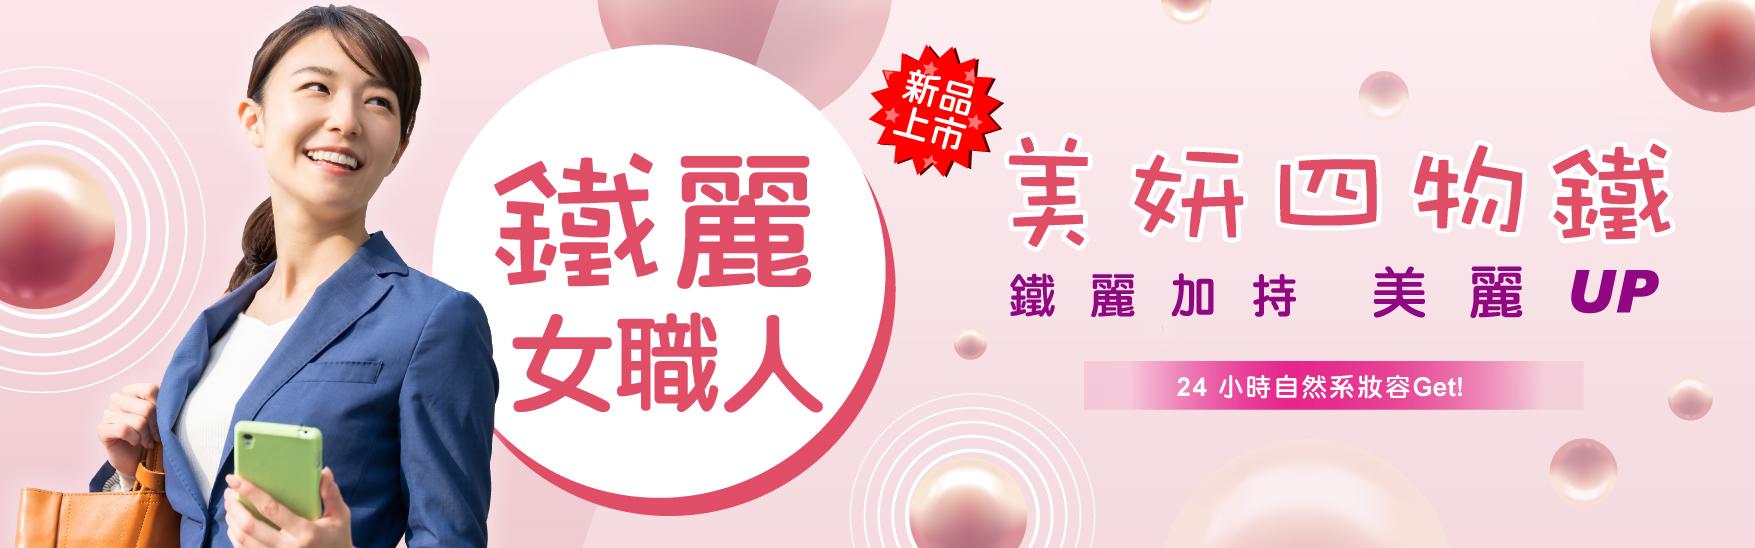 #鐵麗女職人・美妍四物鐵精華飲|2月27號開搶,屈臣氏超殺特價買一送一!